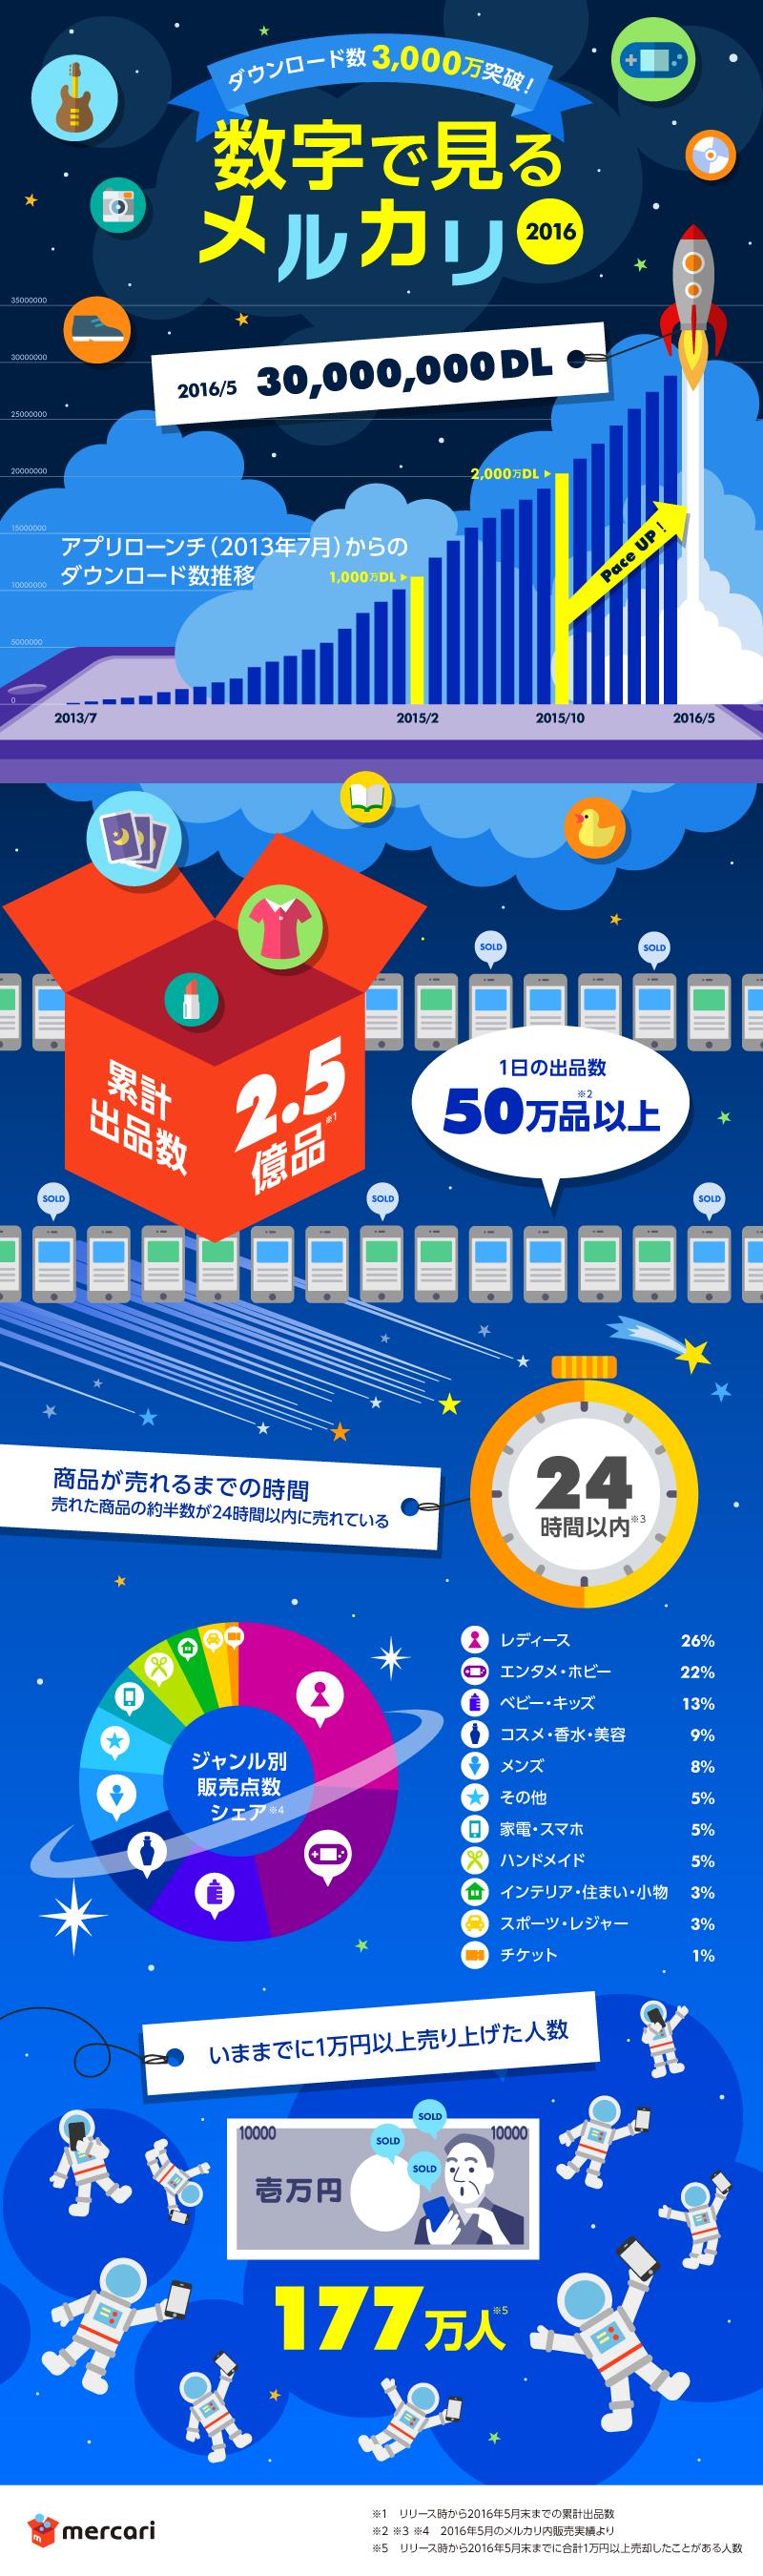 メルカリ、日米合計で4,000万DL突破、日本版は3,000万を超える